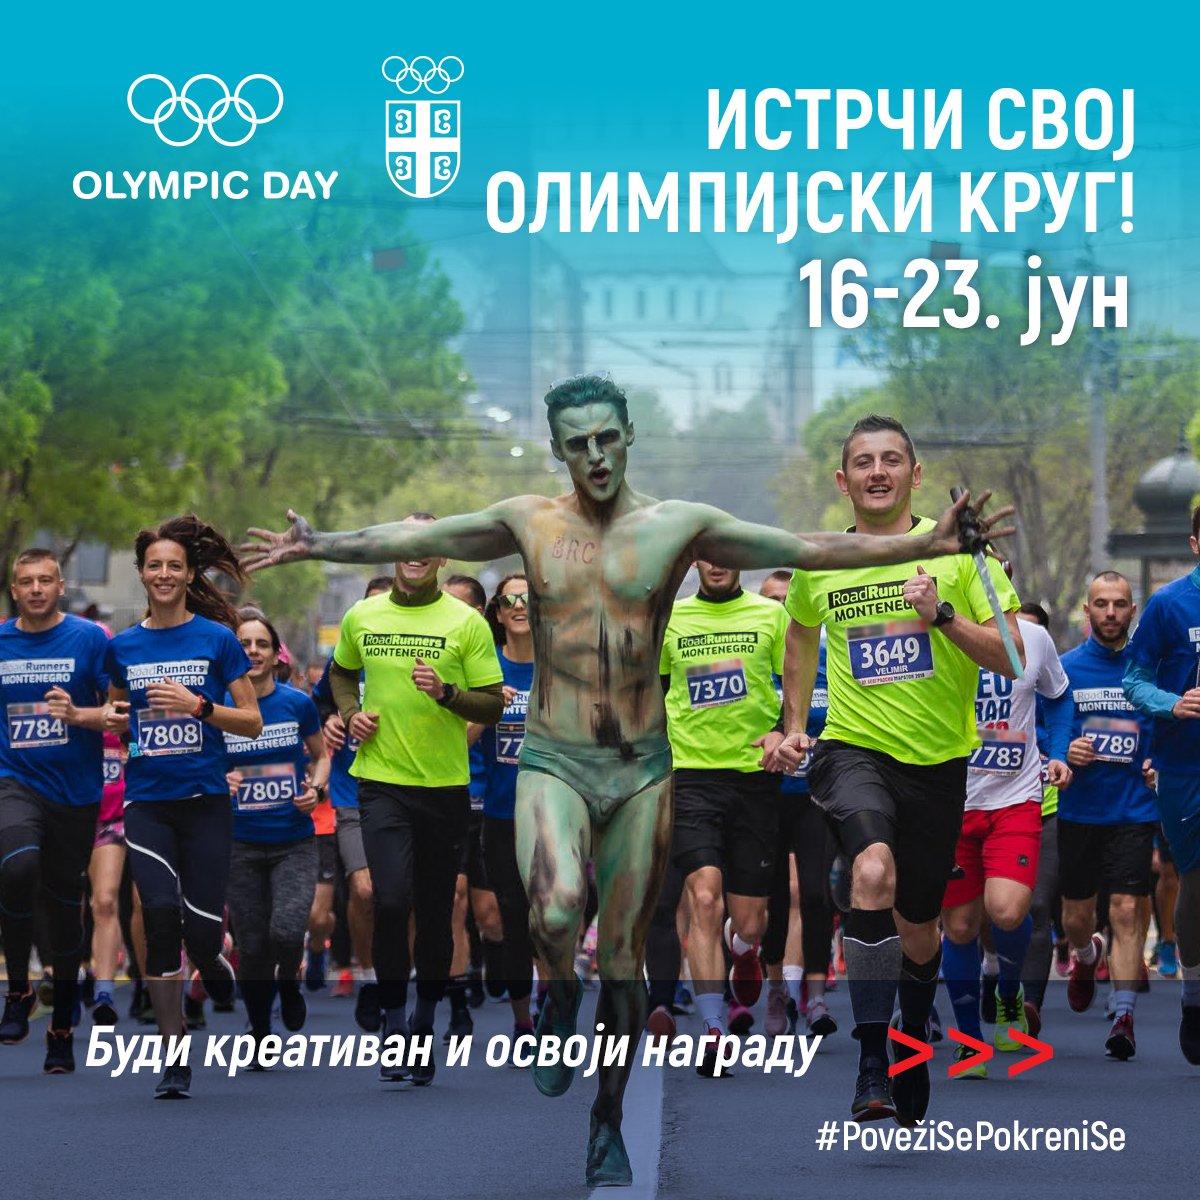 Najbrži su već počeli sa trčanjem!  Pridruži se i podeli sa nama svoje mape i kreativne fotografije i udji u trku za zvaničnu opremu Olimpijskog tima Srbije! 🇷🇸 Sve informacije o foto konkursu možete pronaći na https://t.co/qqOhsg6WZr!#StayActive #OlympicDay 🇷🇸🏅🏃🏻♀️🏃🏻♂️ https://t.co/MyTGQdjHc2